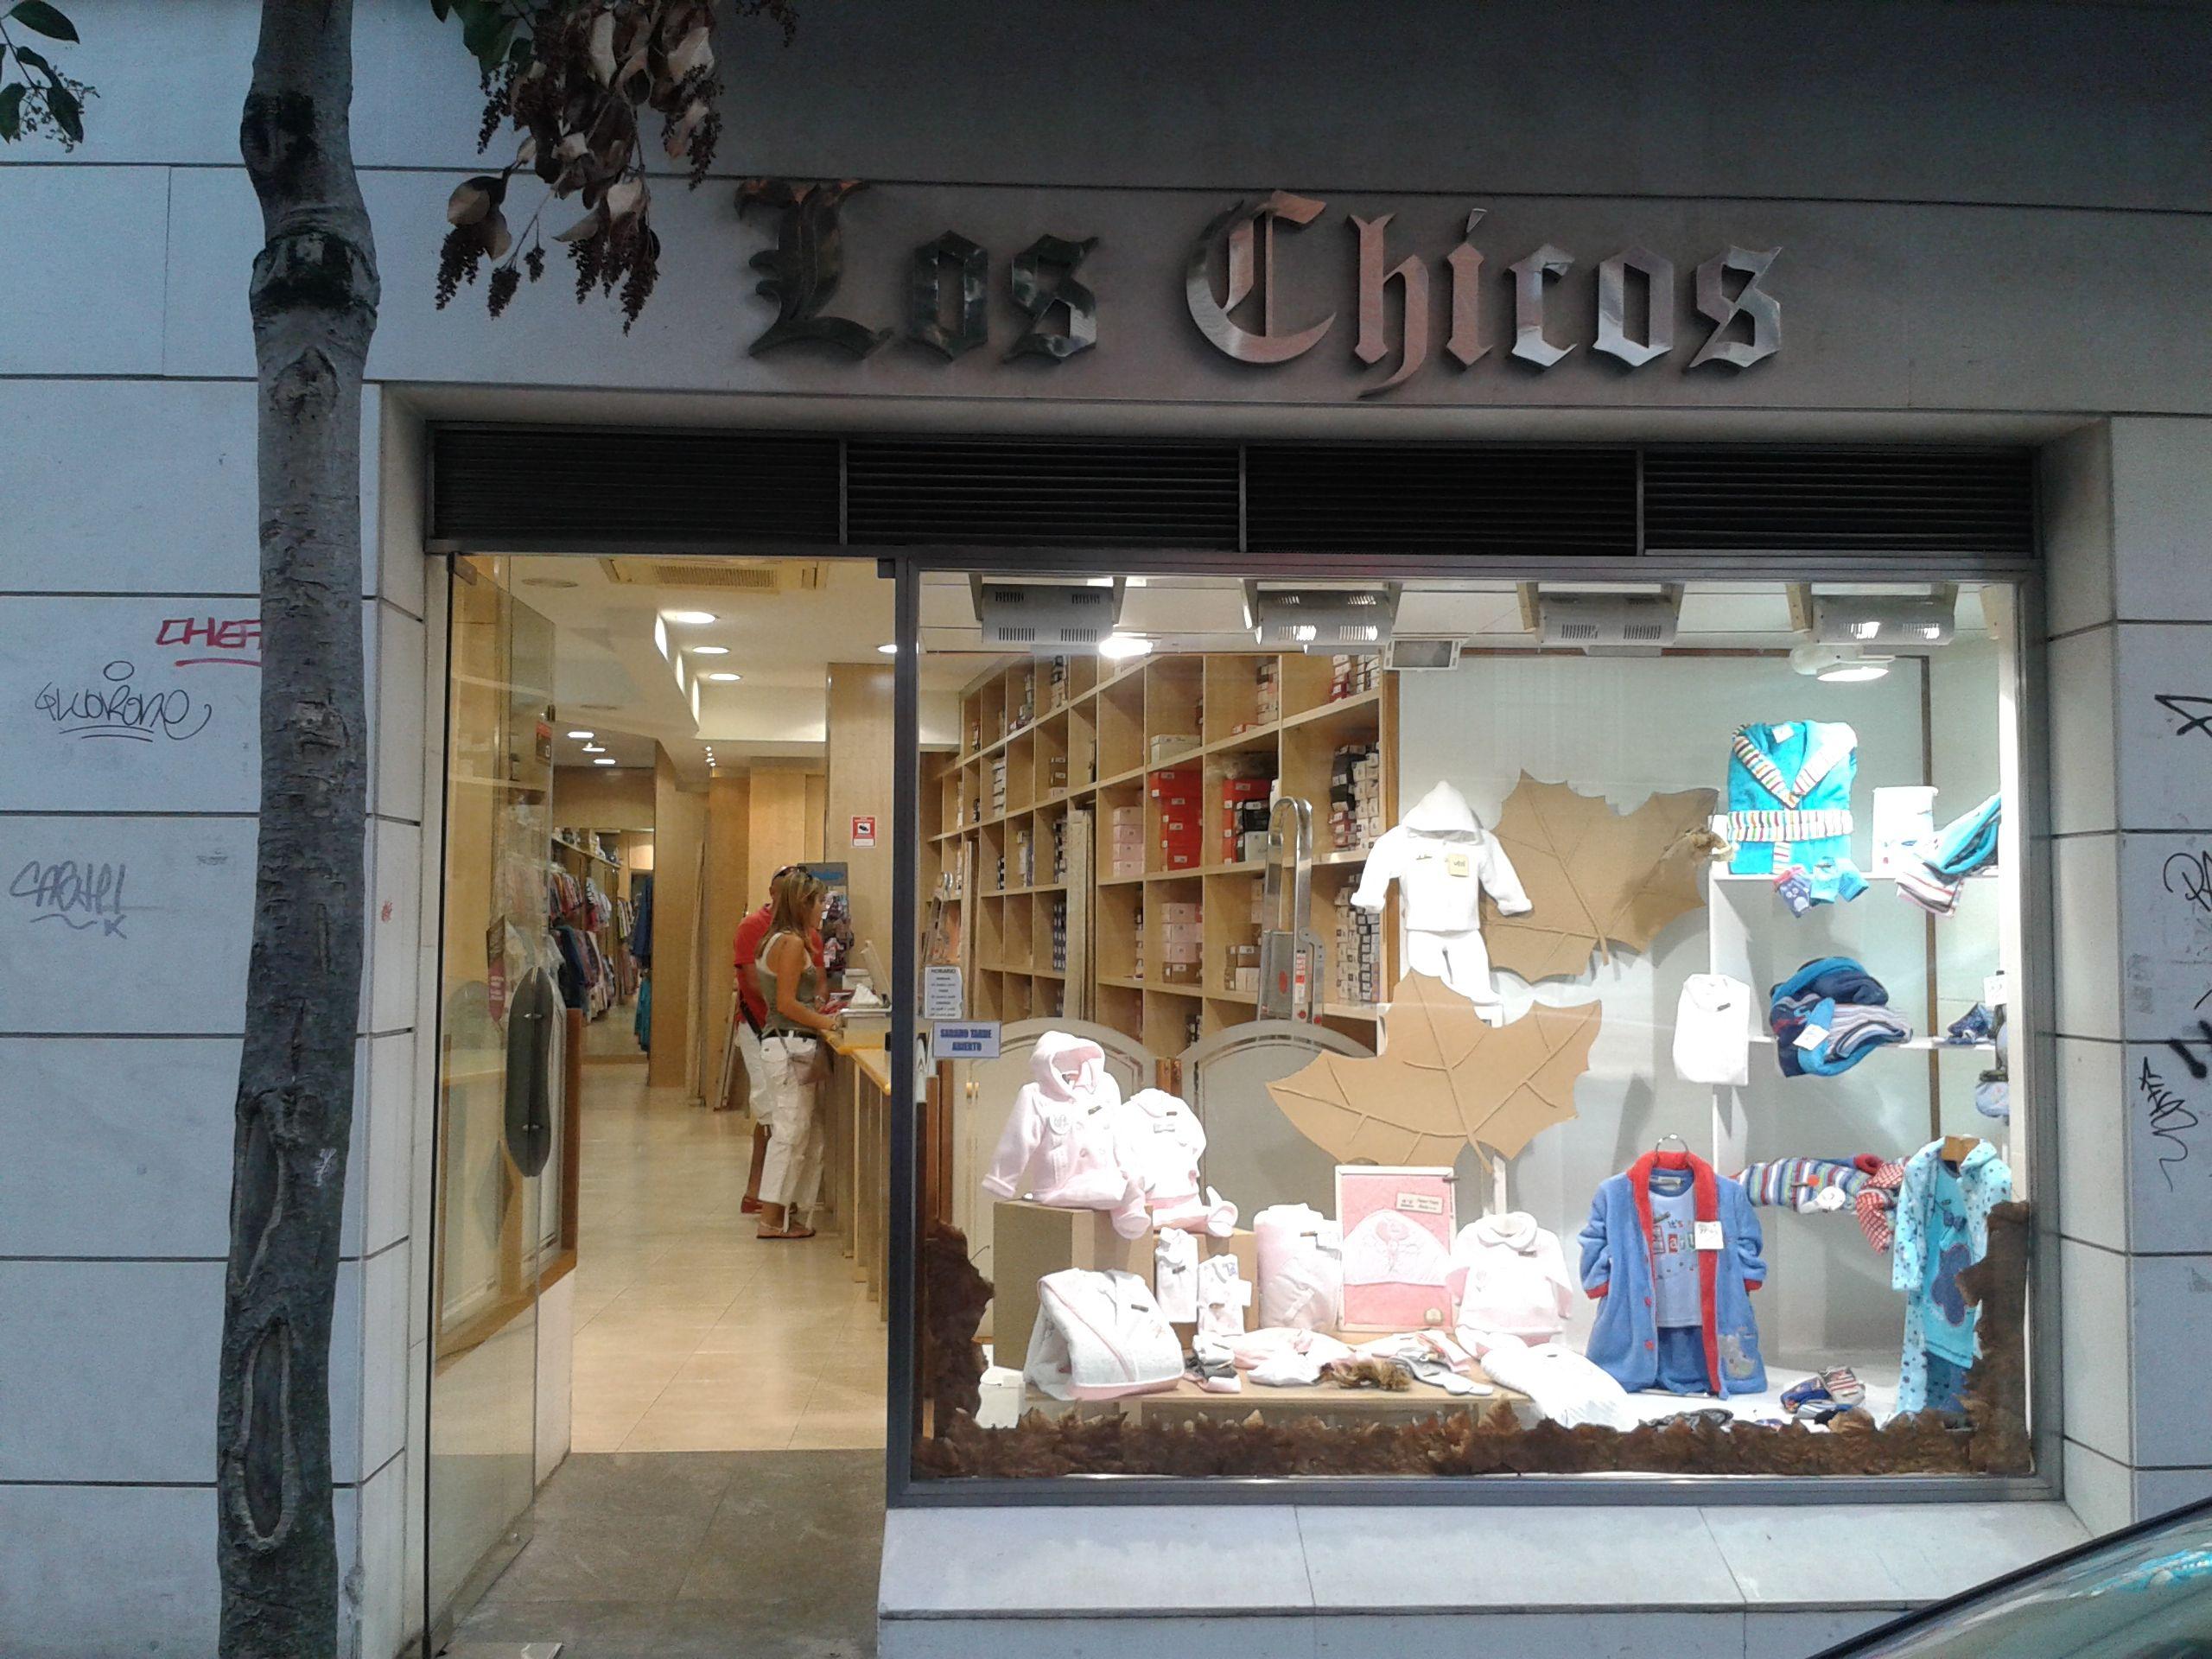 Los Chicos C Amezti 9 48991 Algorta Getxo Tel 944911639 Merceria Lenceria Getxo Getxotienepremio Getxo Campana De Navidad Navidad